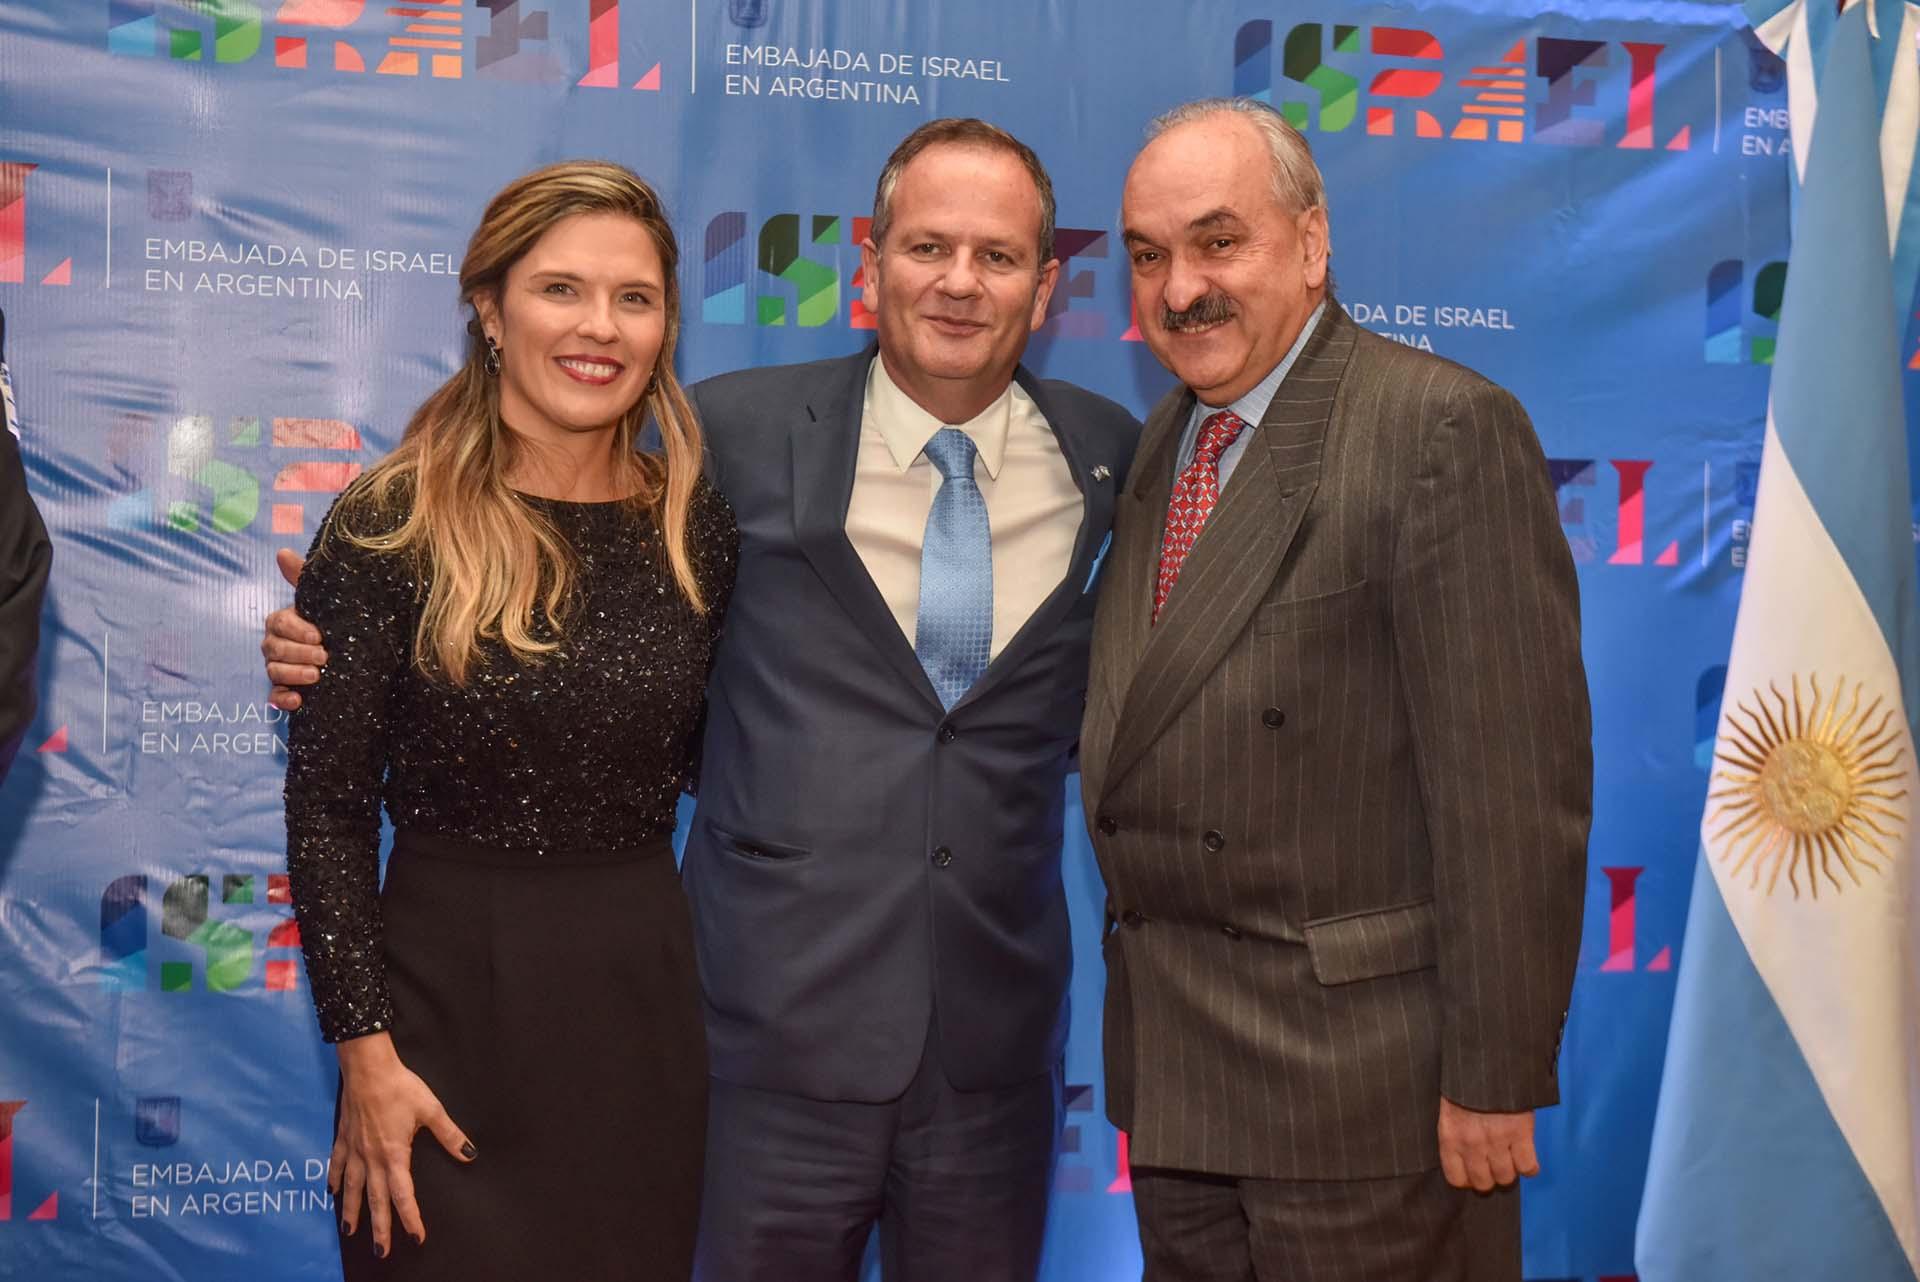 El embajador Sztulman, su esposa y el sherpa del G20 Pedro Villagra